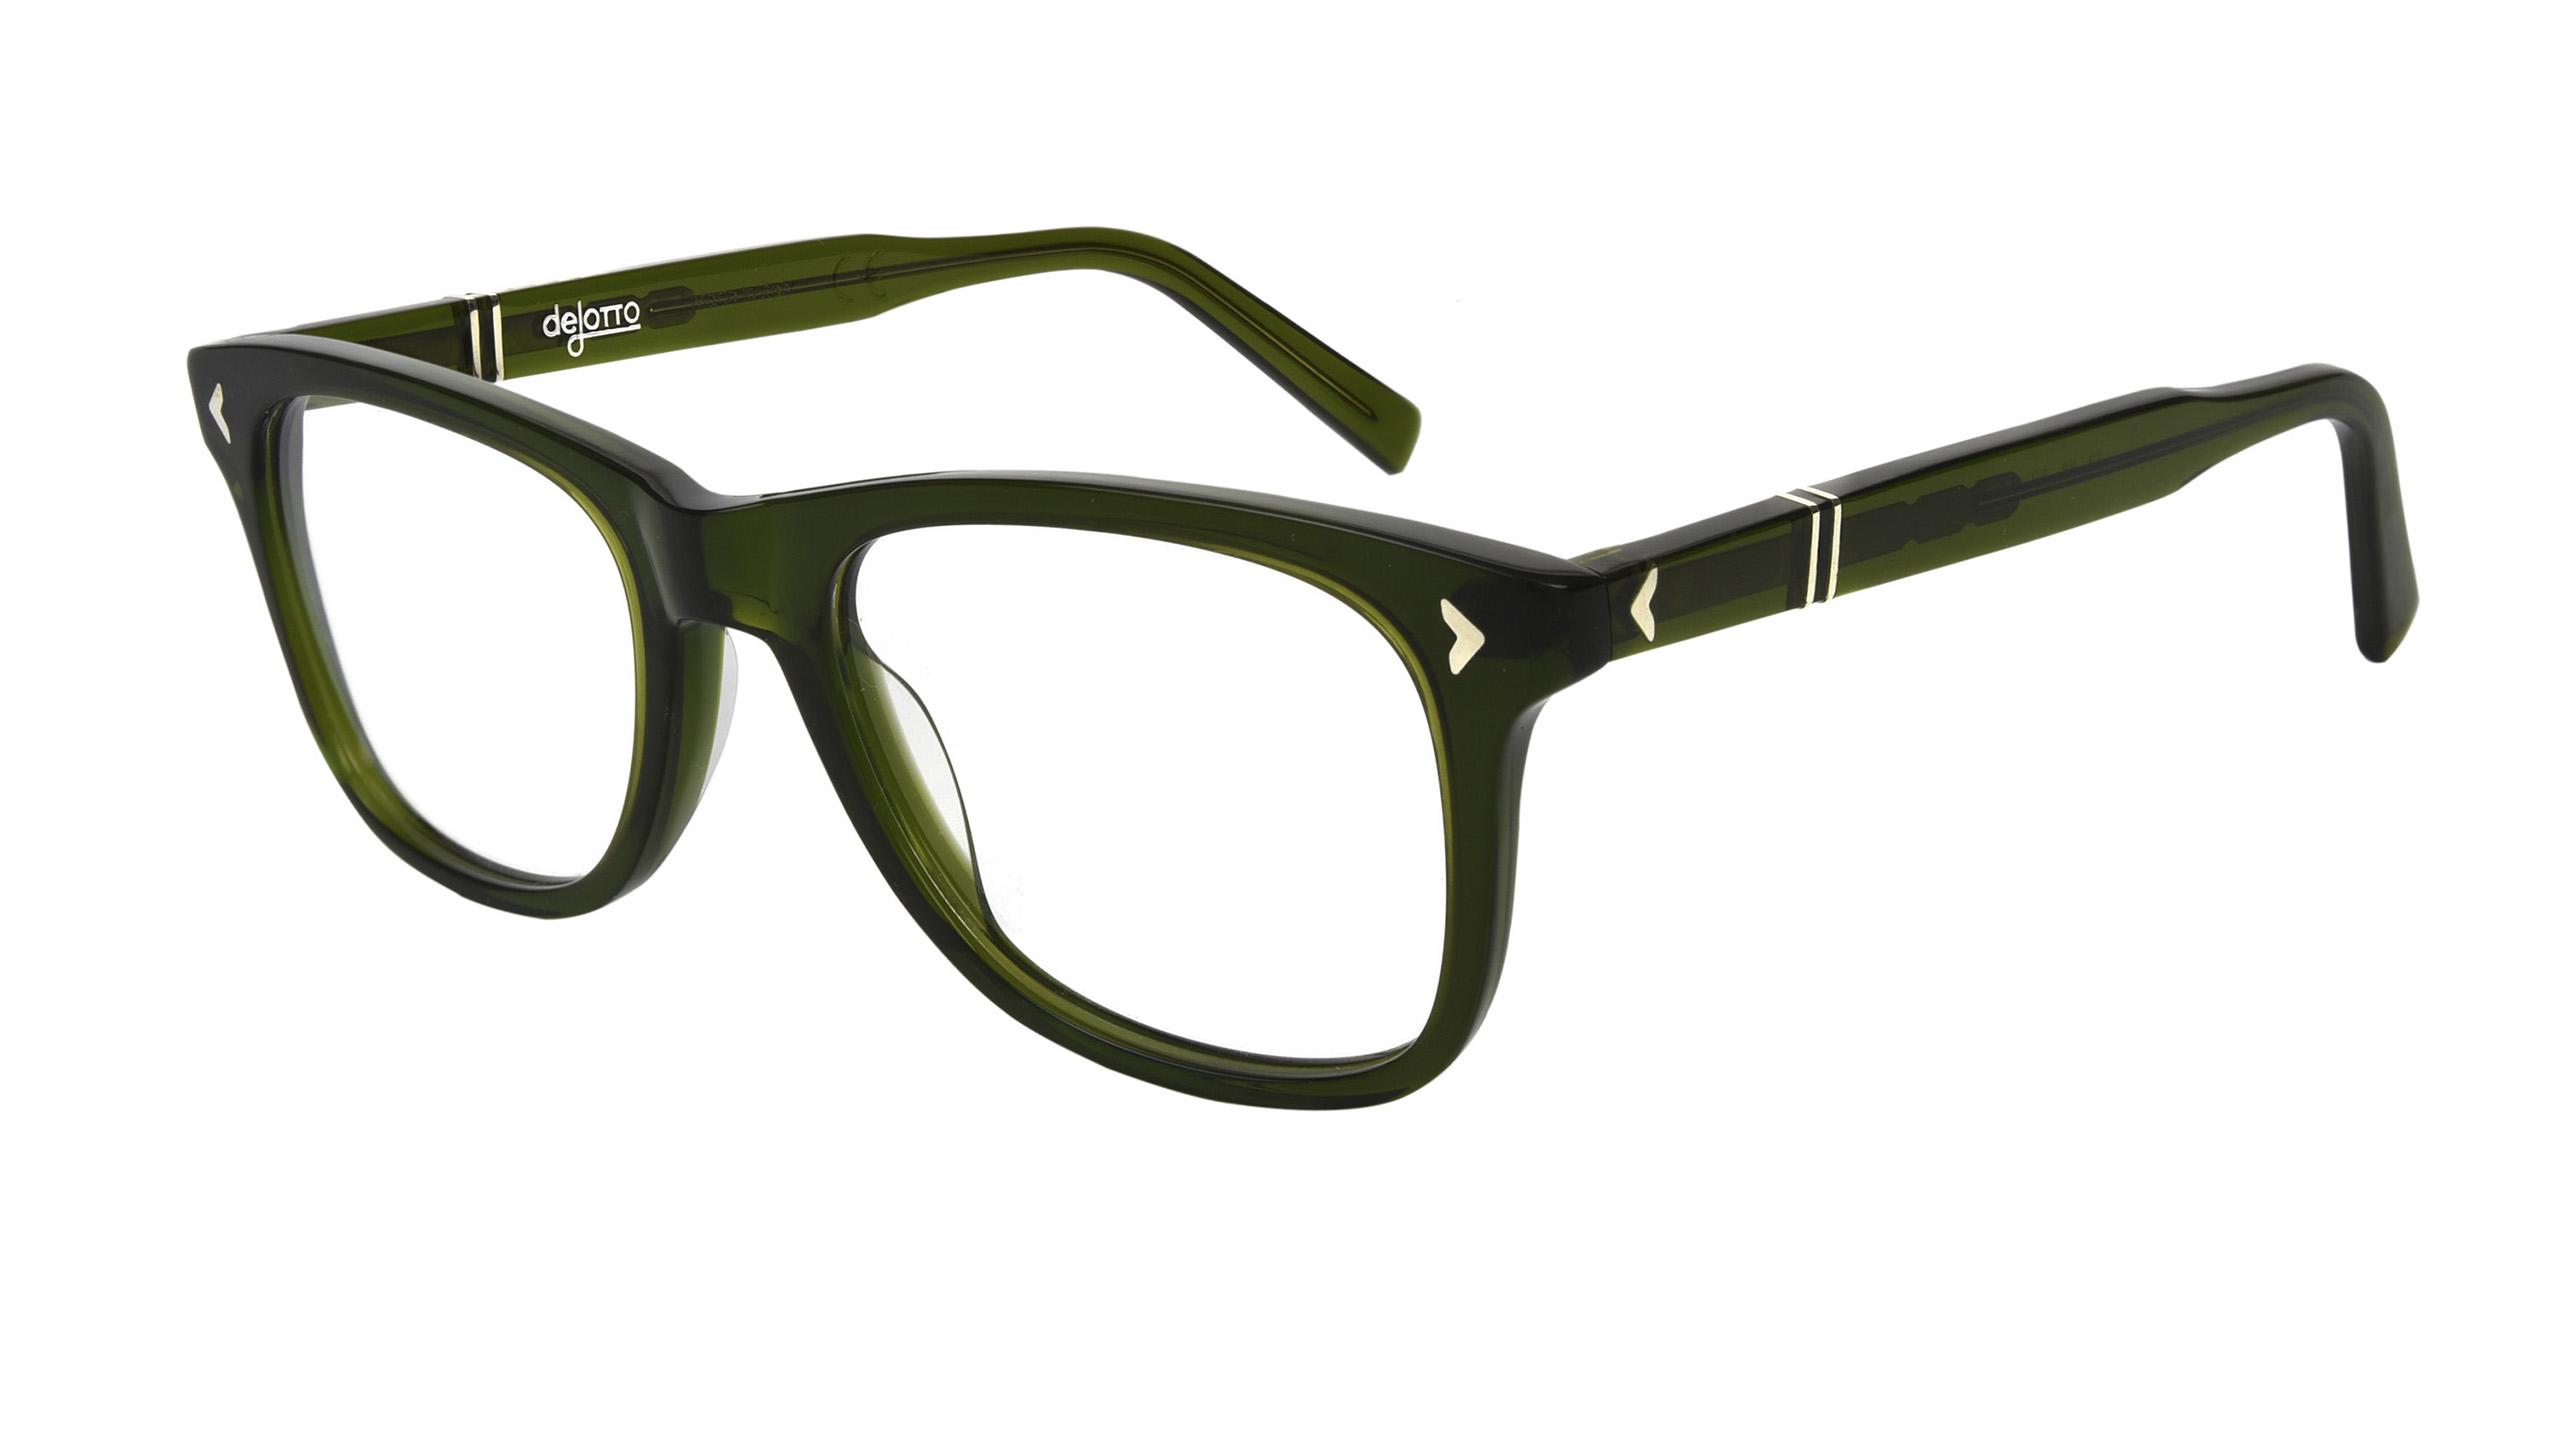 DL 88 c.8005 – Moss green